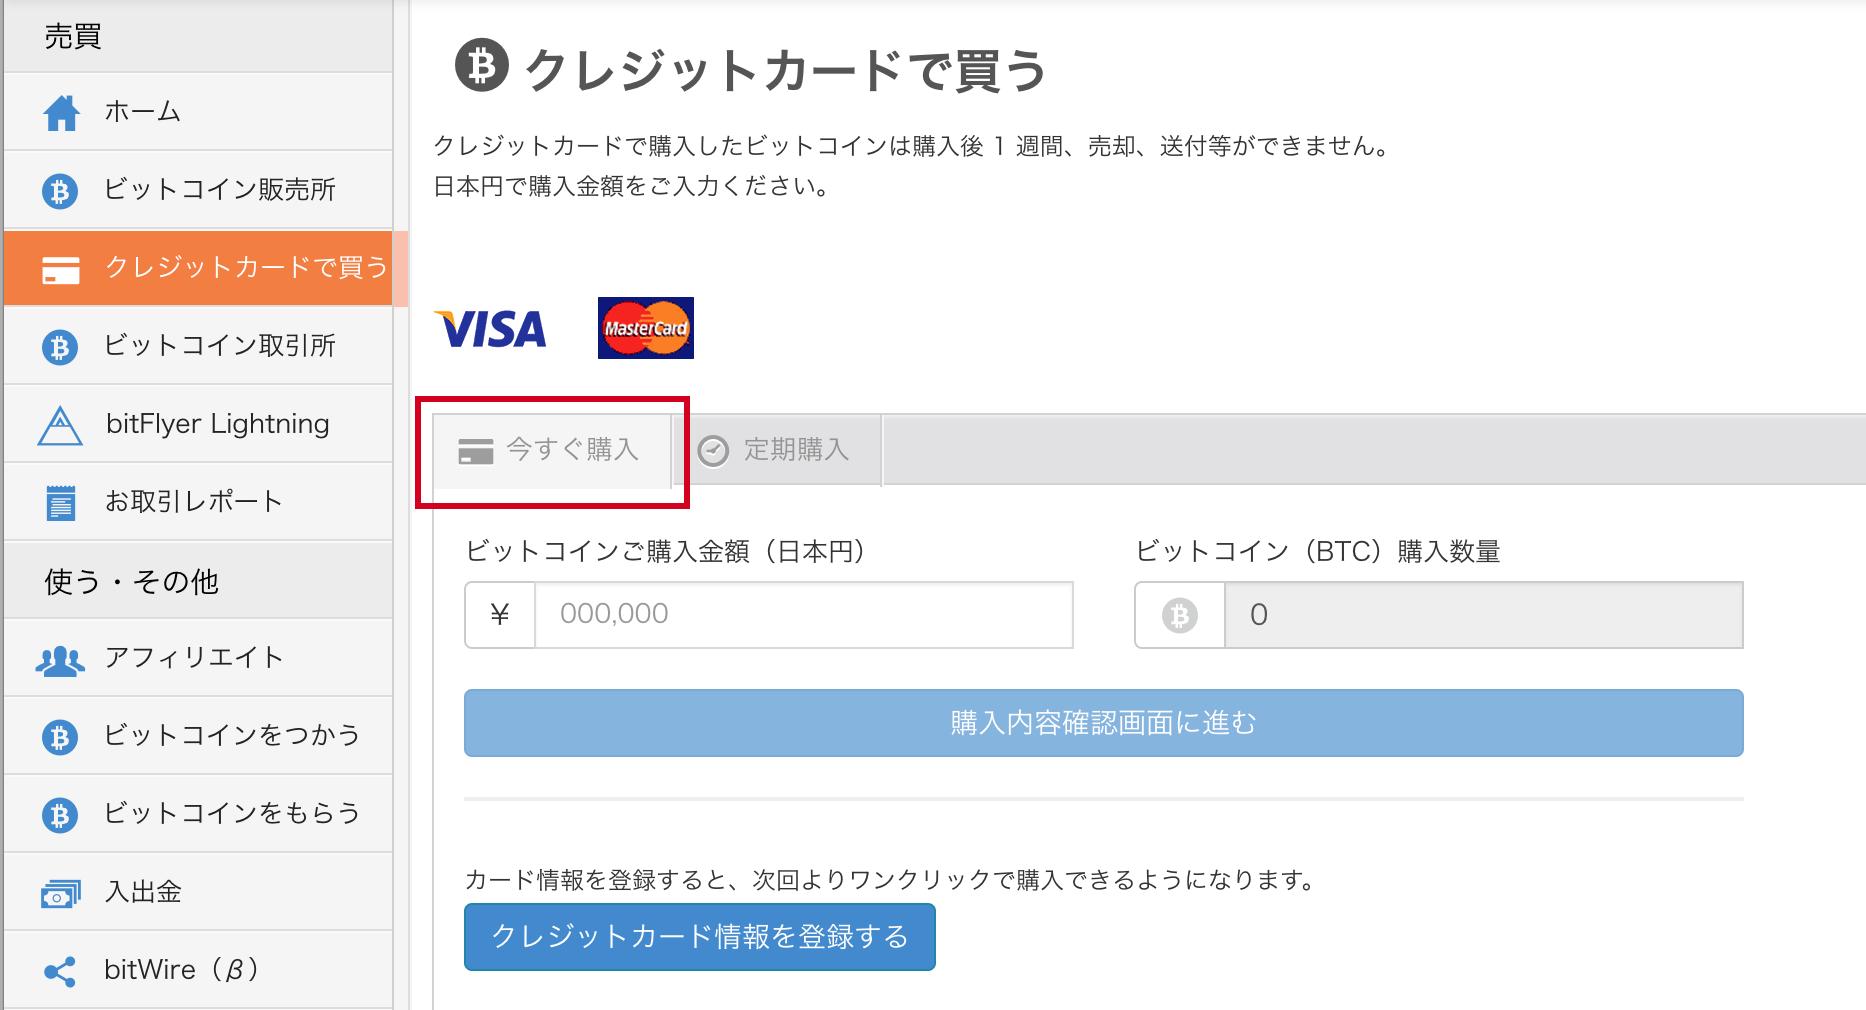 ご利用方法1 クレジットカードで今すぐ買う